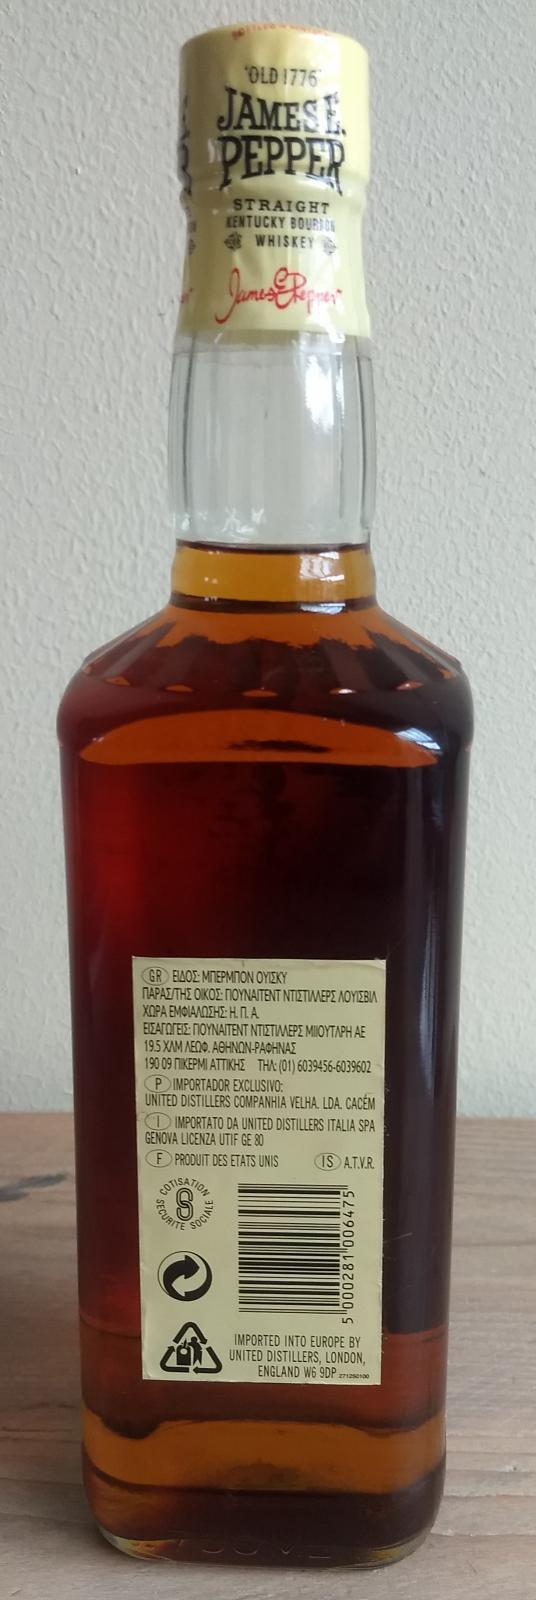 James E. Pepper Straight Kentucky Bourbon Whiskey